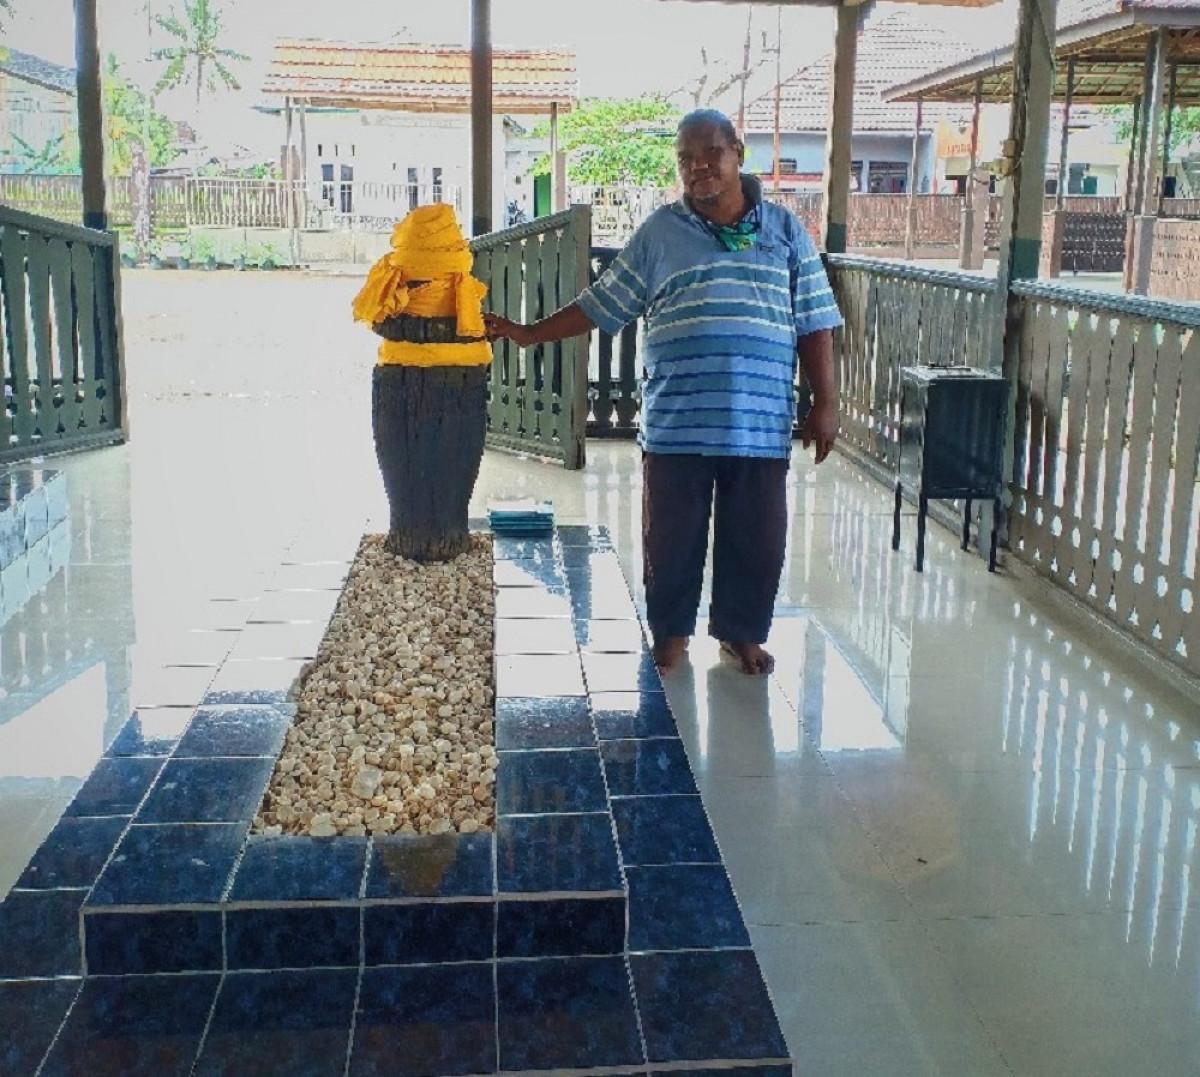 Mengenal Abdillah, Penjaga Makam Pendiri Kota Samarinda sekaligus Pahlawan Kemanusiaan